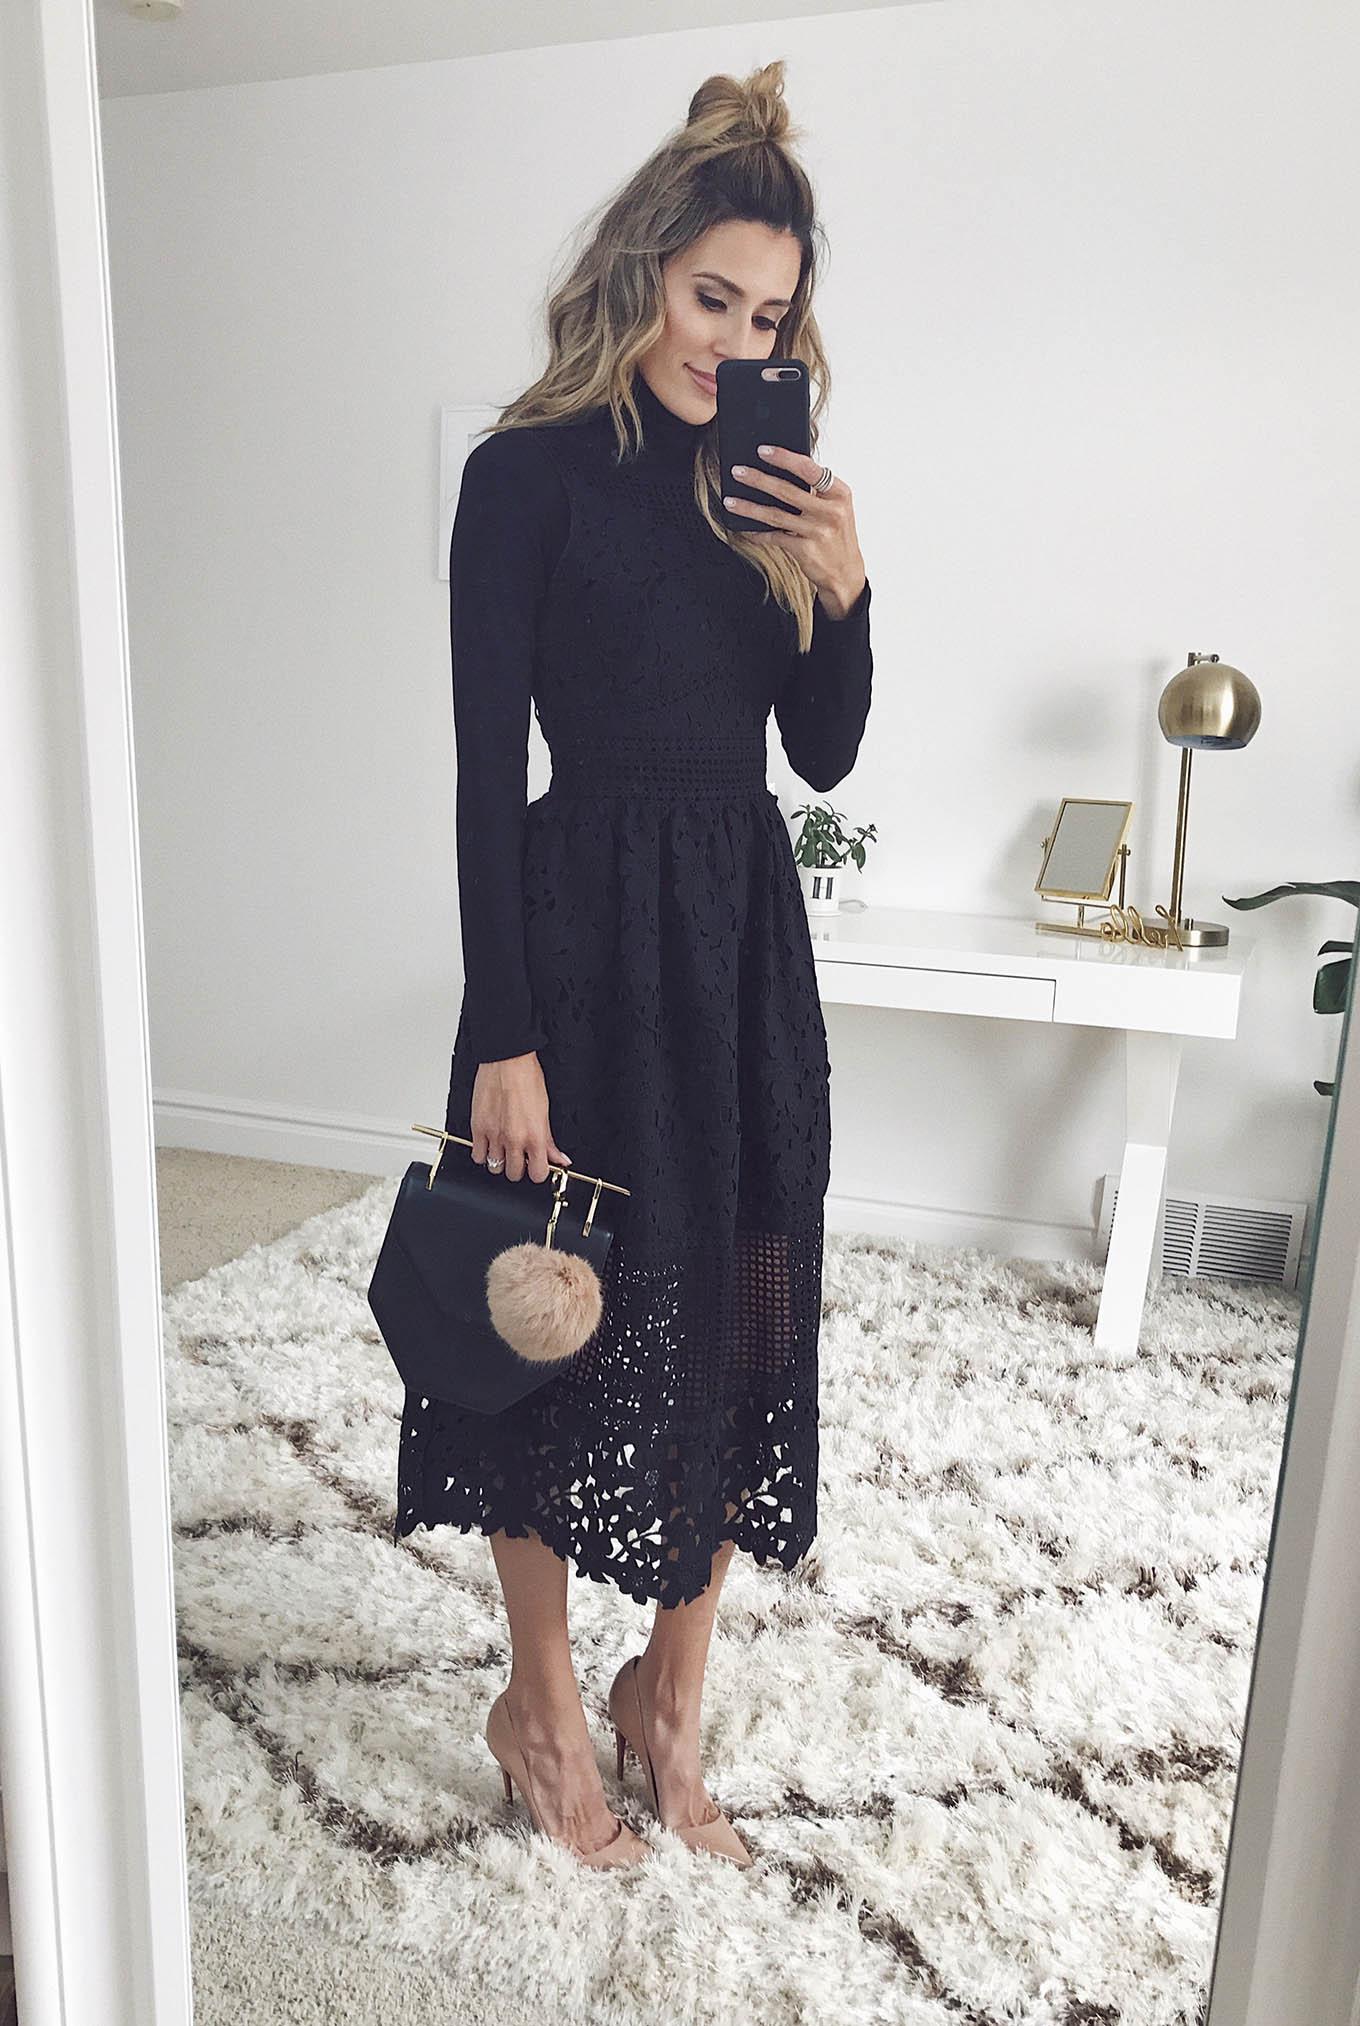 dressing up a black turtleneck